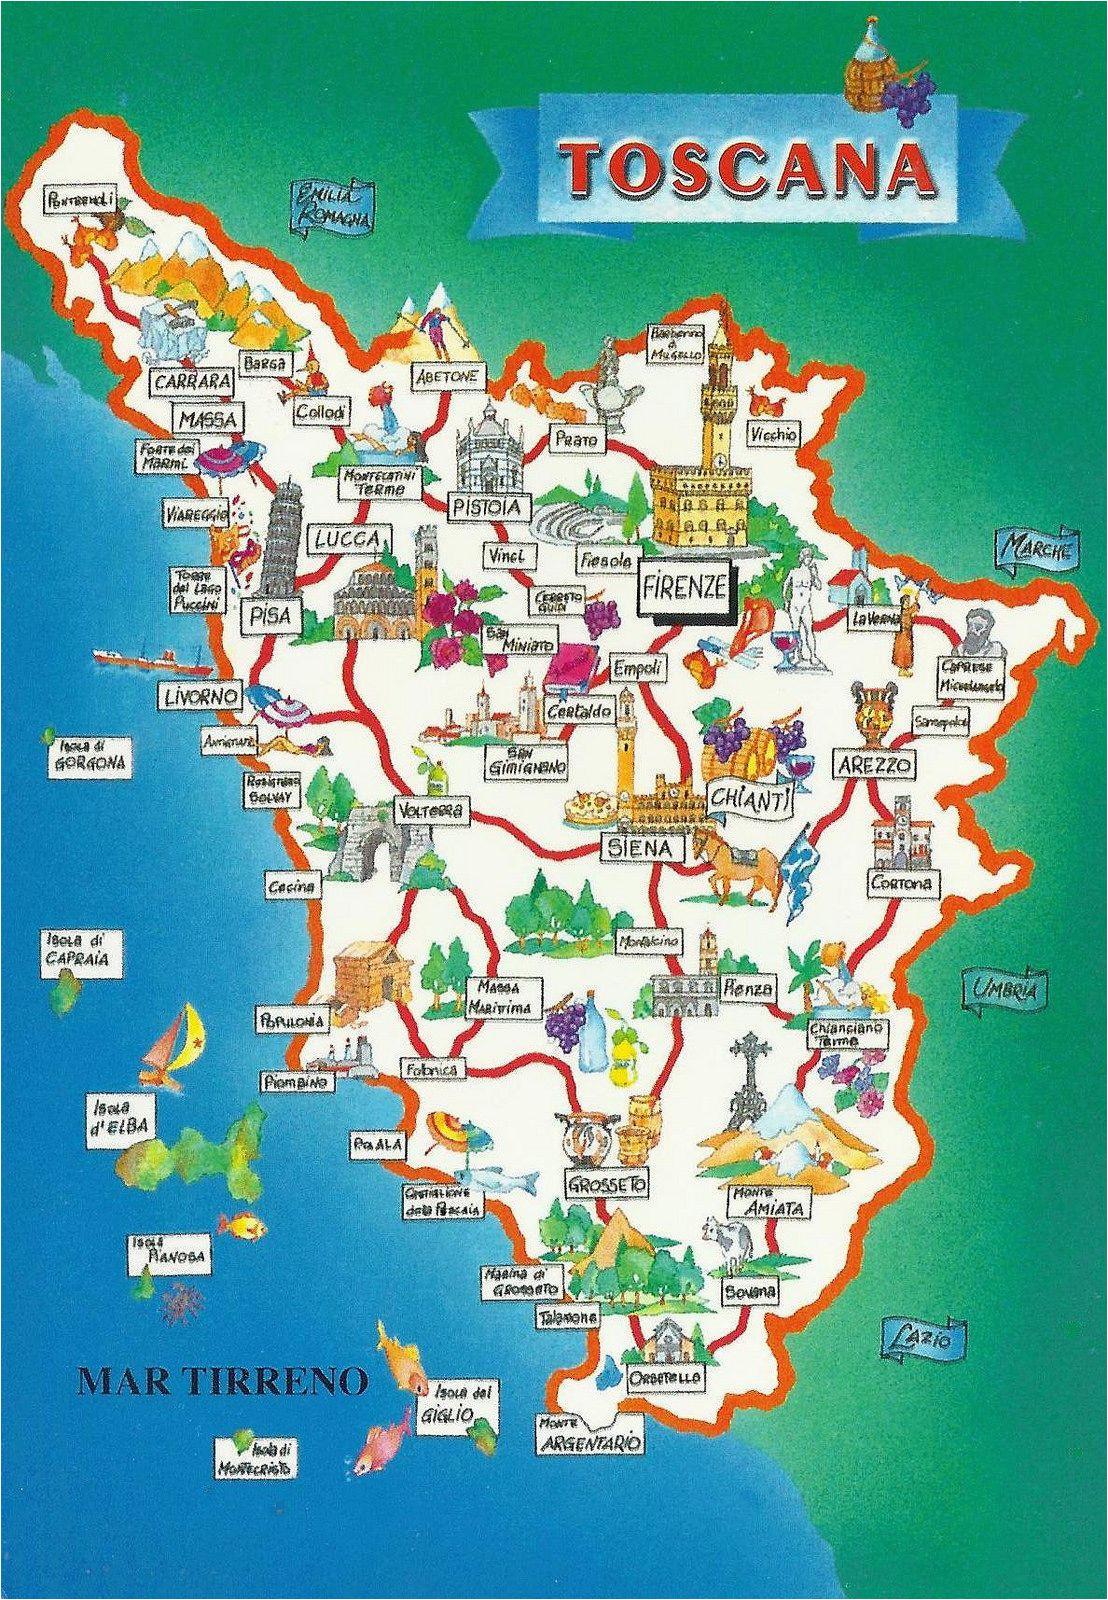 toscana map italy map of tuscany italy tuscany map toscana italy